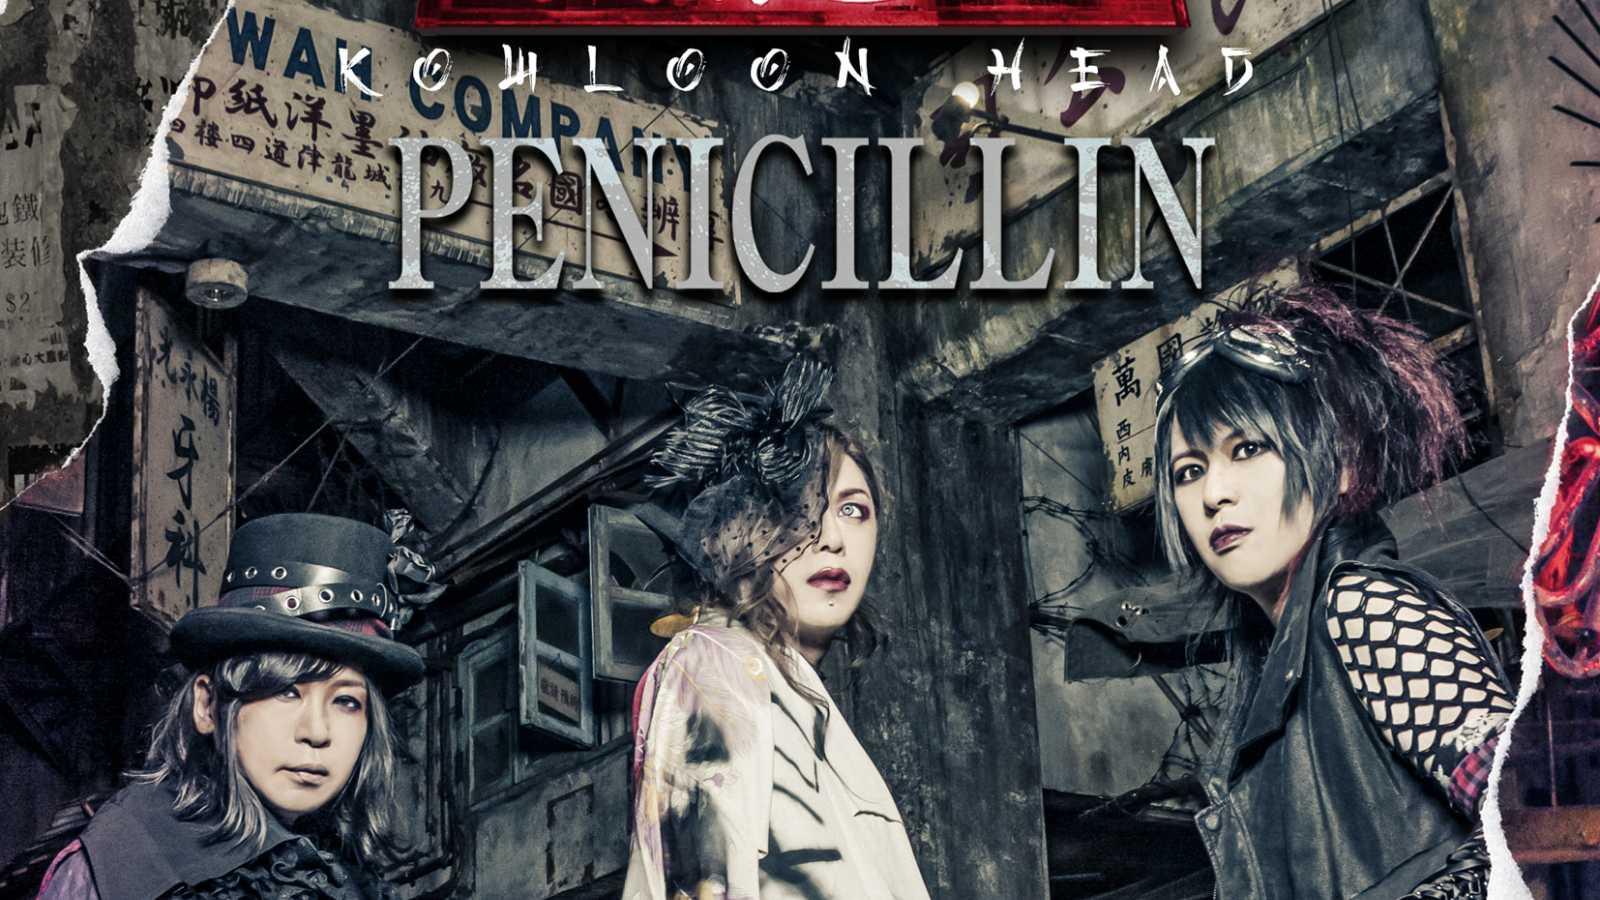 PENICILLIN lance un nouveau mini-album © DUPLEX DEVELOPMENTS JAPAN Inc. All rights reserved.